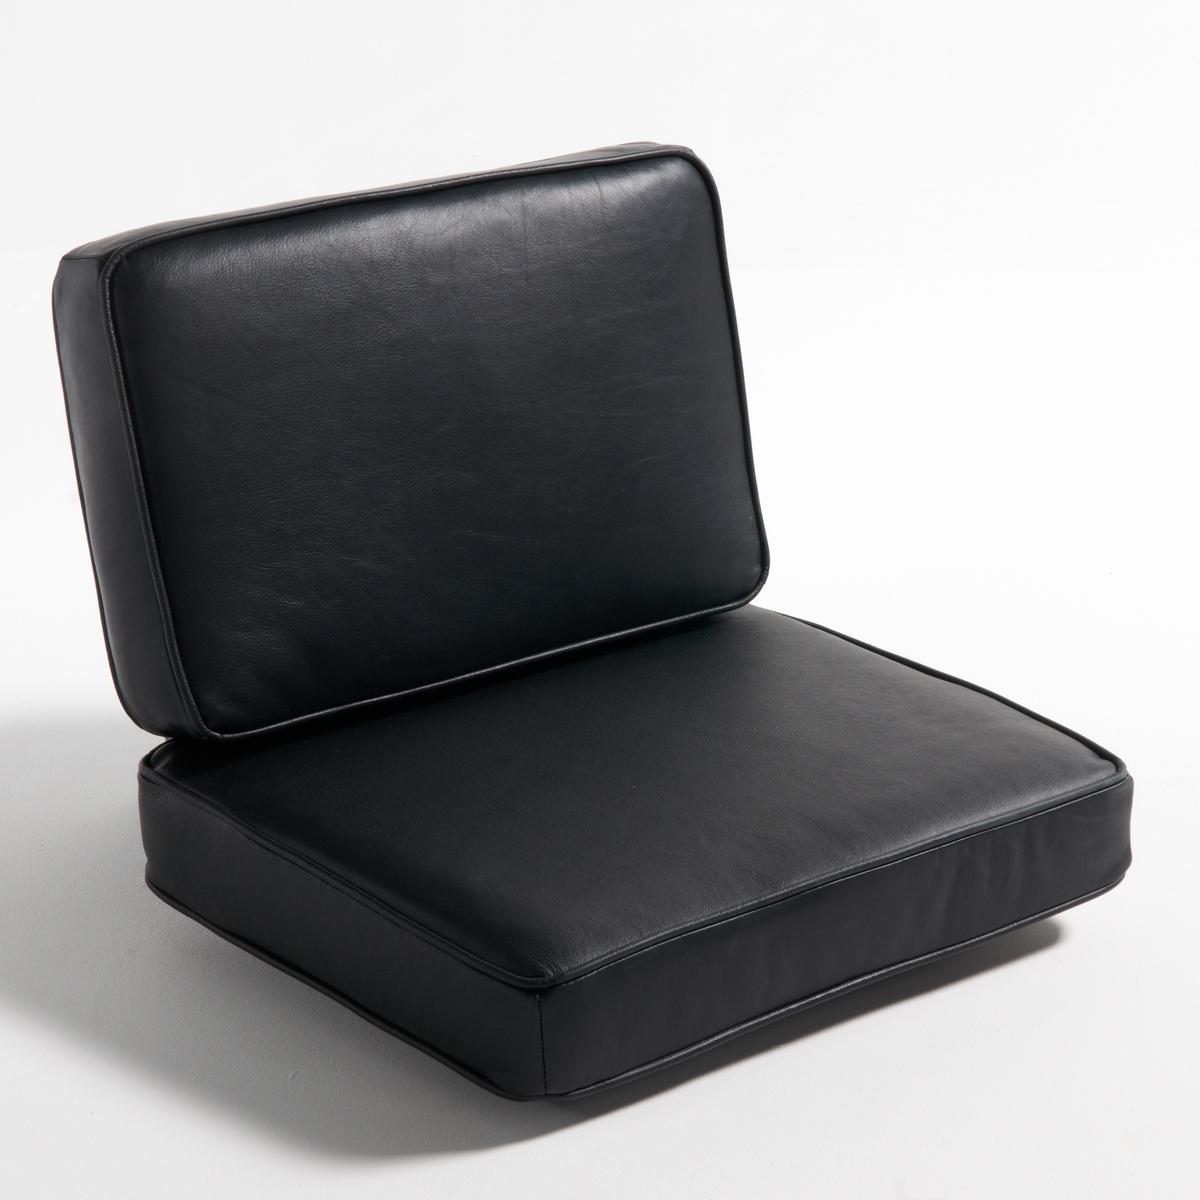 Подушка кожаная для кресла DilmaПодушки для кресла Dilma.Сочетается с каркасом Dilma для создания удобного и простого в уходе кресла.Материал : - Покрытие : обработанная телячья кожа с анилиновой отделкой, хромовое дубление в контактных зонах. Велюр из телячьей кожи с полиуретановым покрытиям в остальных зонах. - Наполнитель : полиэфирный пеноматериал 40 кг/м?, прослойка из волокон полиэстера. - Система крепления.- Чехлы подушек съемные Размеры :- Подушка для сиденья : Ш60 x В15 x Г58 см- Подушка под спину :  Ш58 x В10 x Г38 см<br><br>Цвет: черный